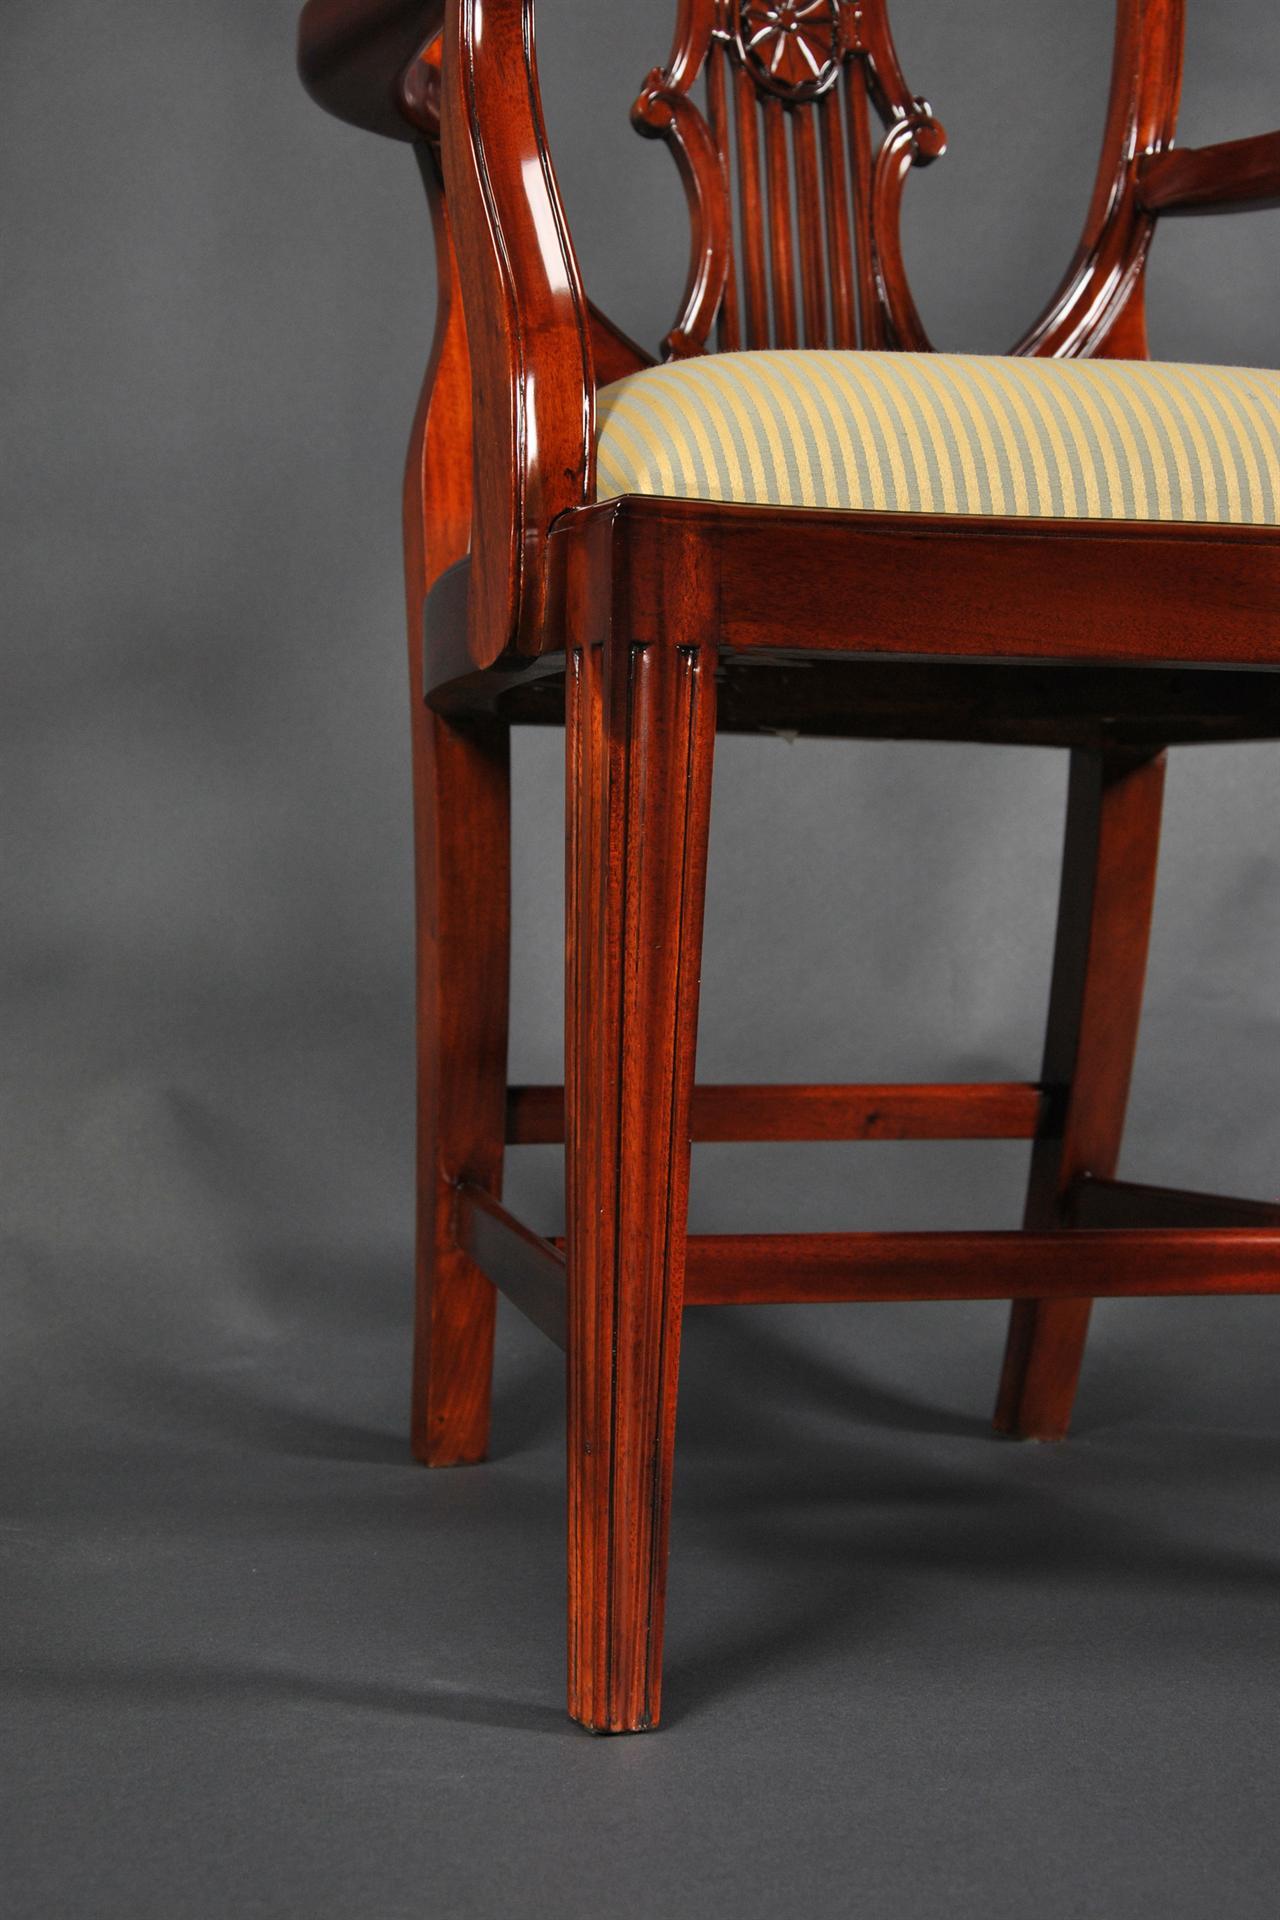 Solid Mahogany Shield Back Chairs